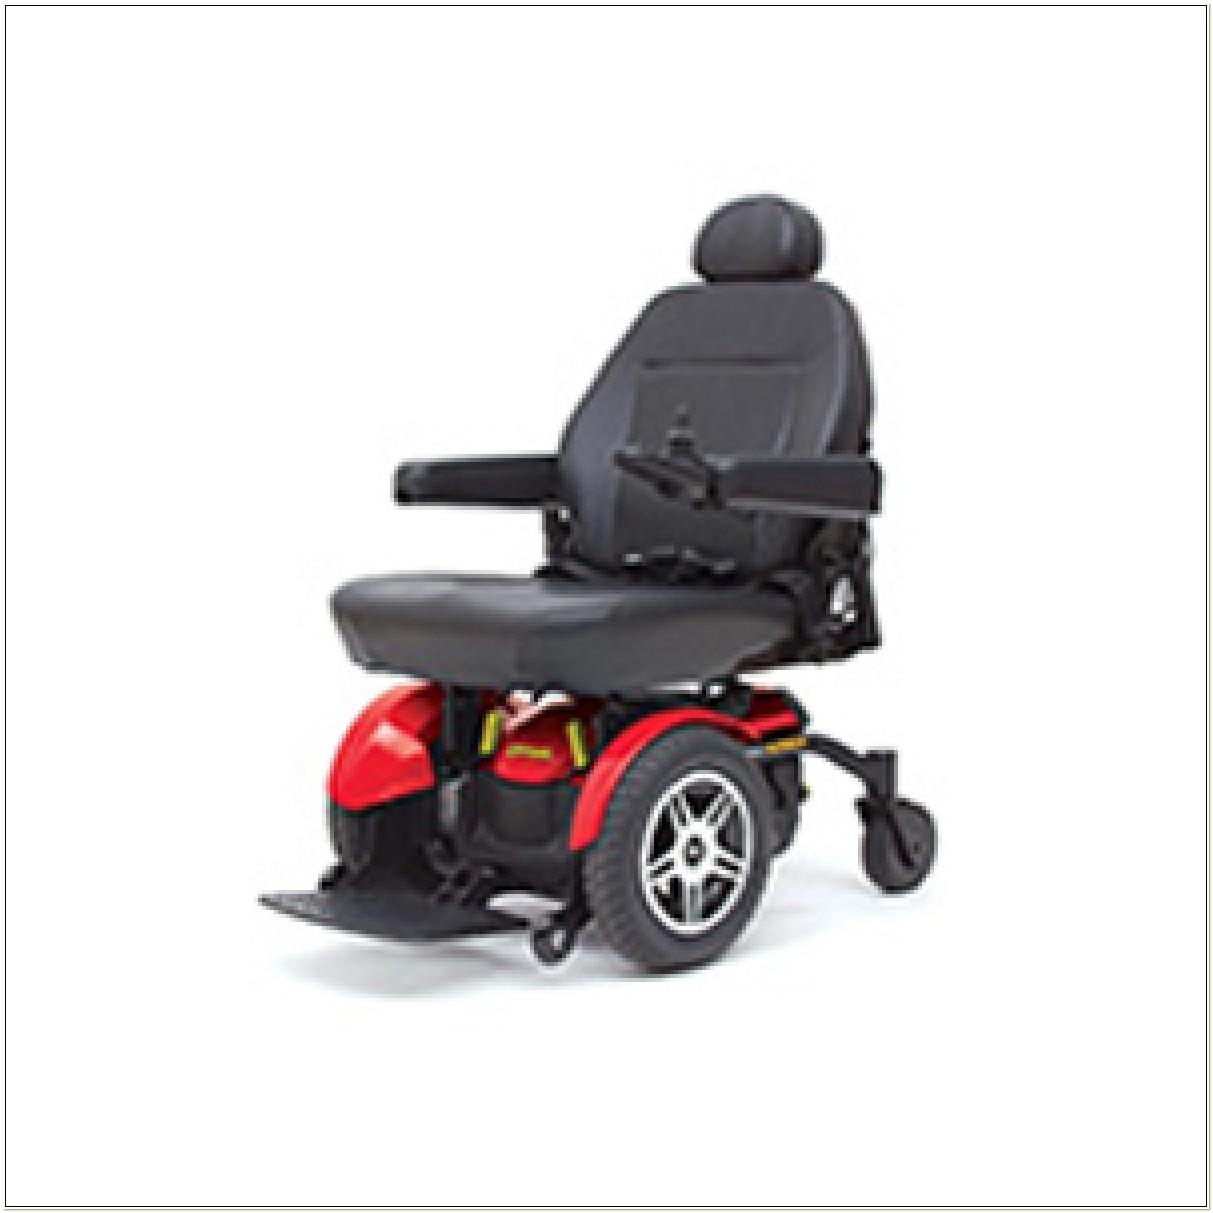 Jazzy Heavy Duty Power Chair